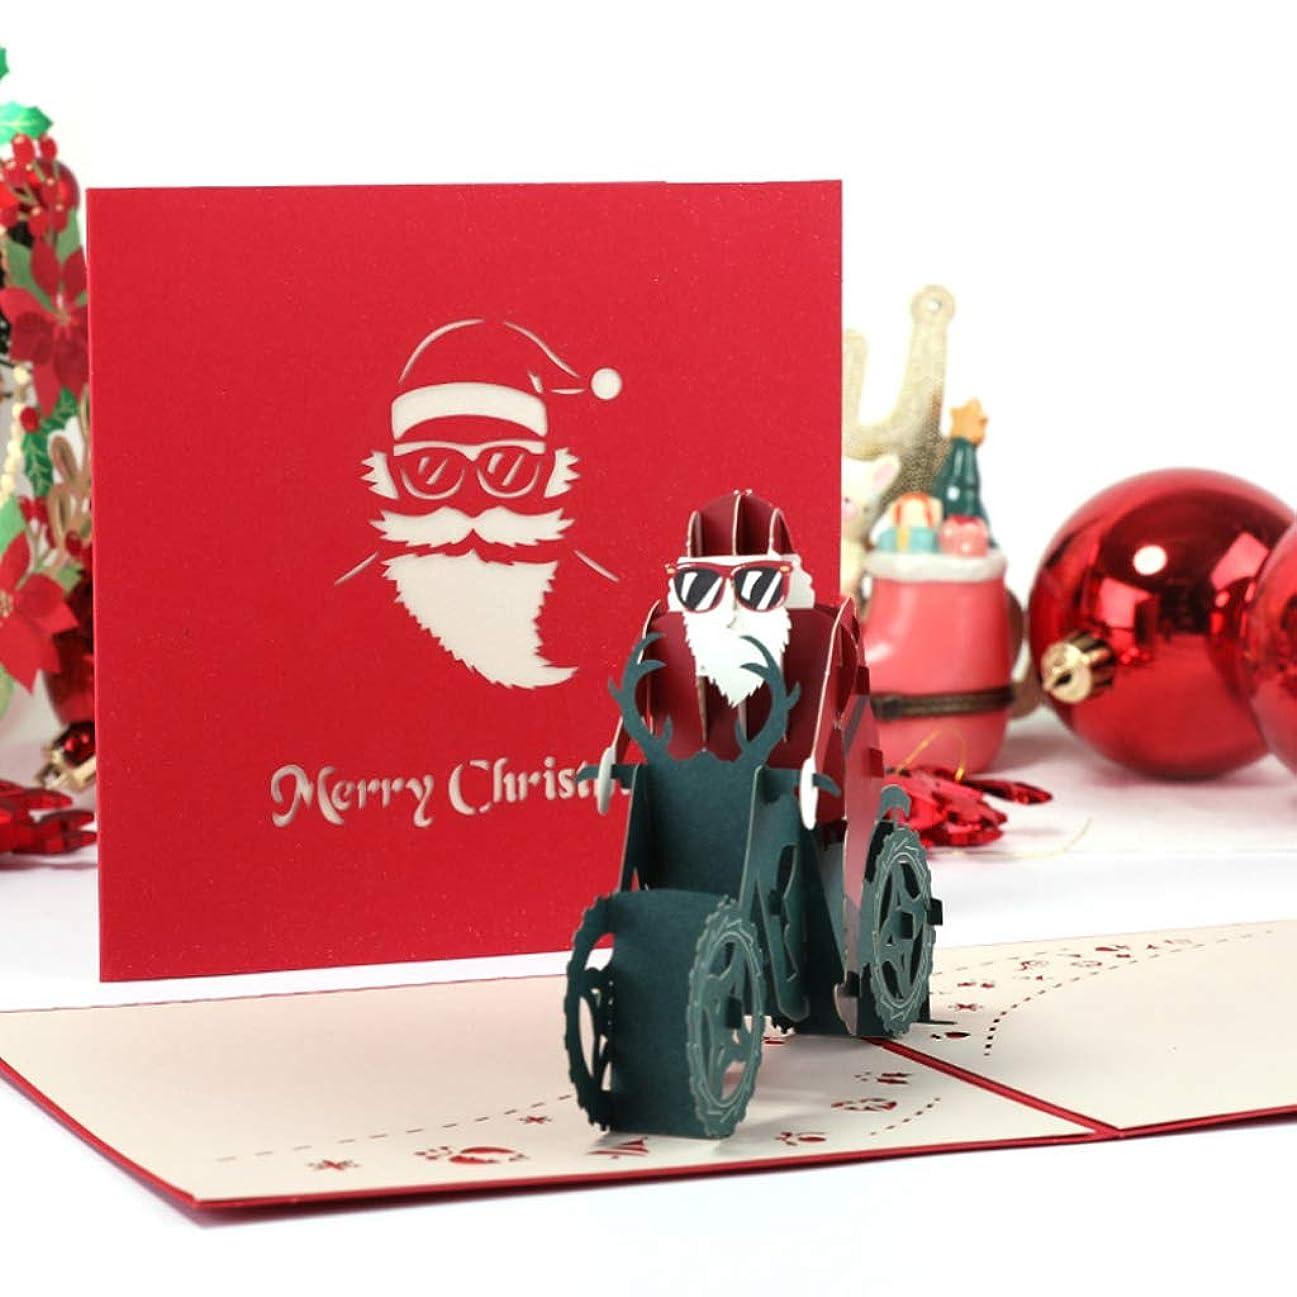 確率クッションエントリ3Dポップアップグリーティングカードサンタクロース手作りクリスマス結婚式招待状クラフトバイクに乗るサンタワンサイズ